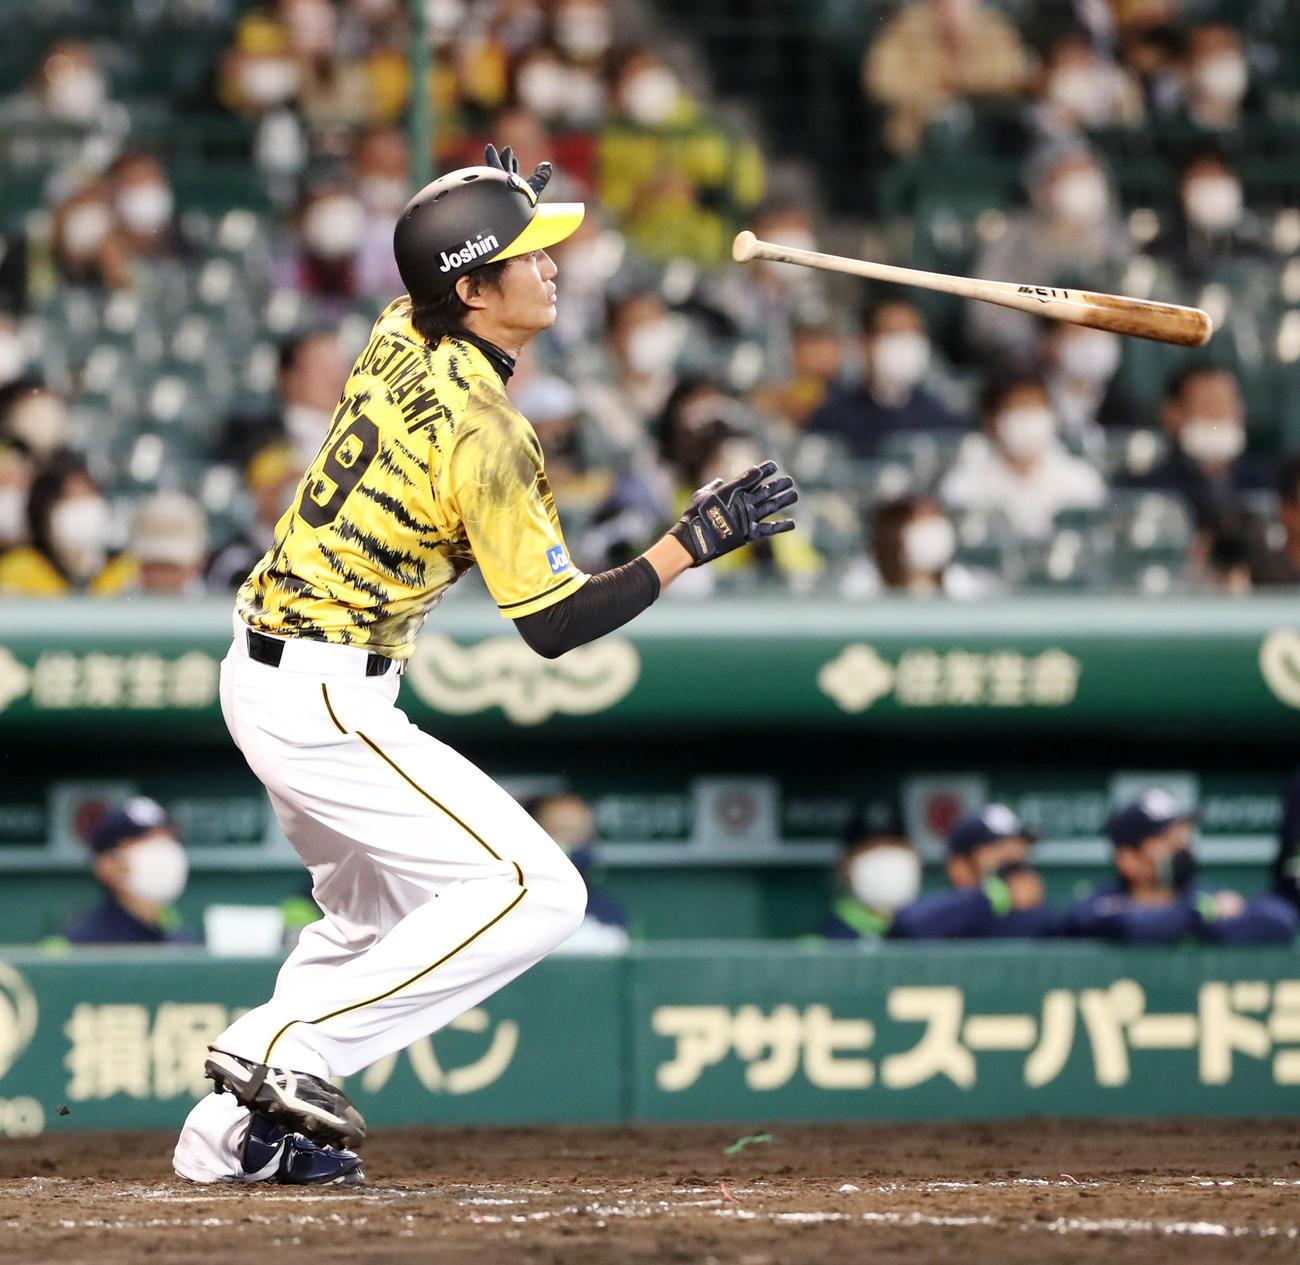 阪神対ヤクルト 5回裏阪神2死二塁、藤浪は左越え2点本塁打を放つ(撮影・加藤哉)